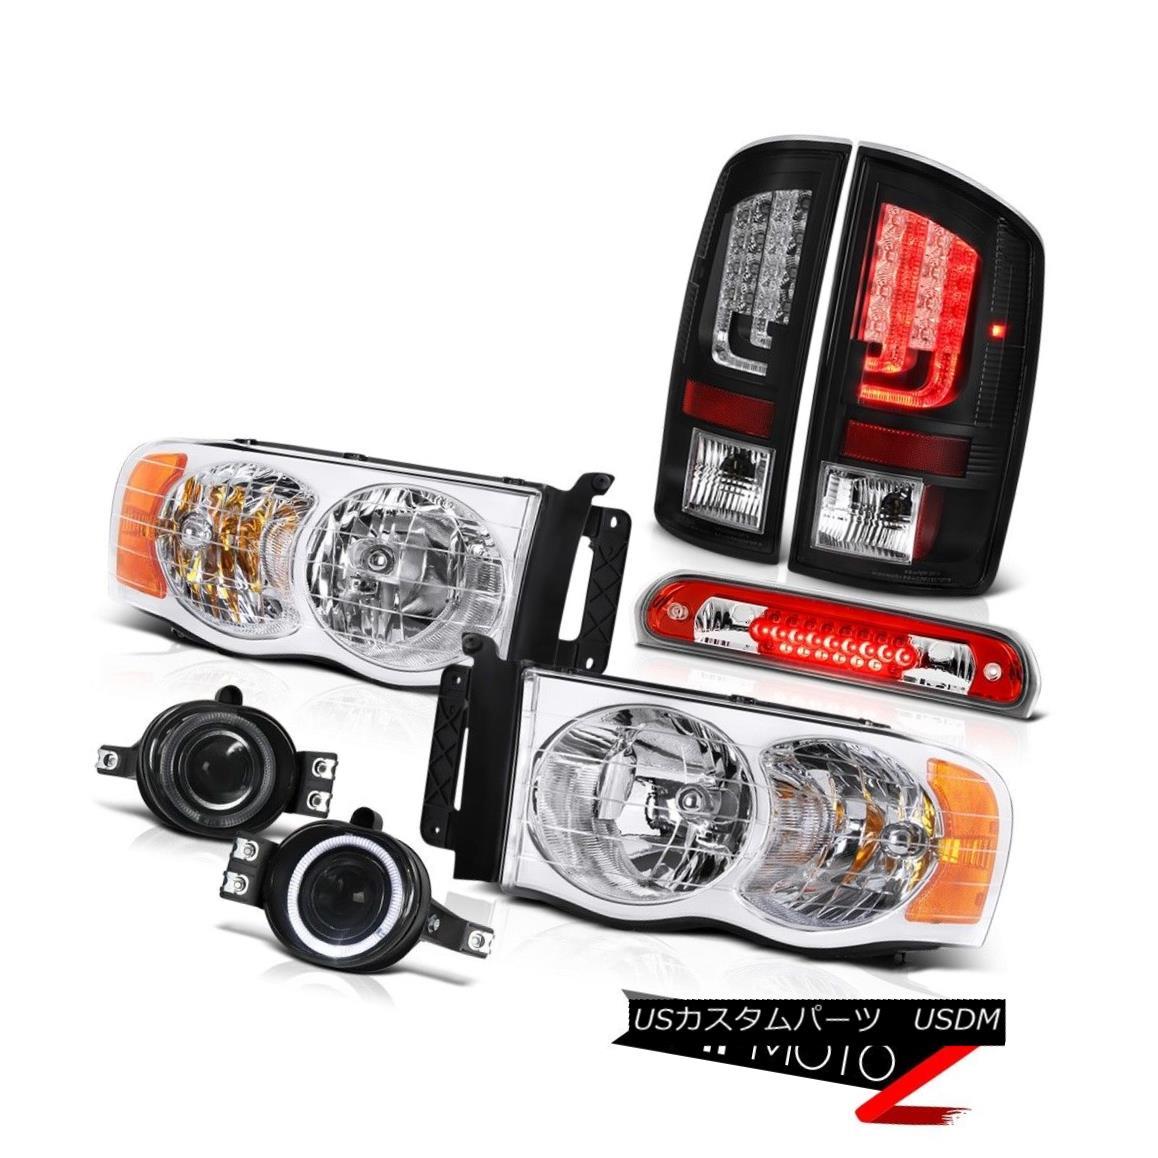 テールライト 02-05 Dodge Ram 1500 2500 SLT Tail Lamps Headlights Fog Roof Cab Lamp Tron Tube 02-05ダッジラム1500 2500 SLTテールランプヘッドライトフォグルーフキャブランプトロンチューブ